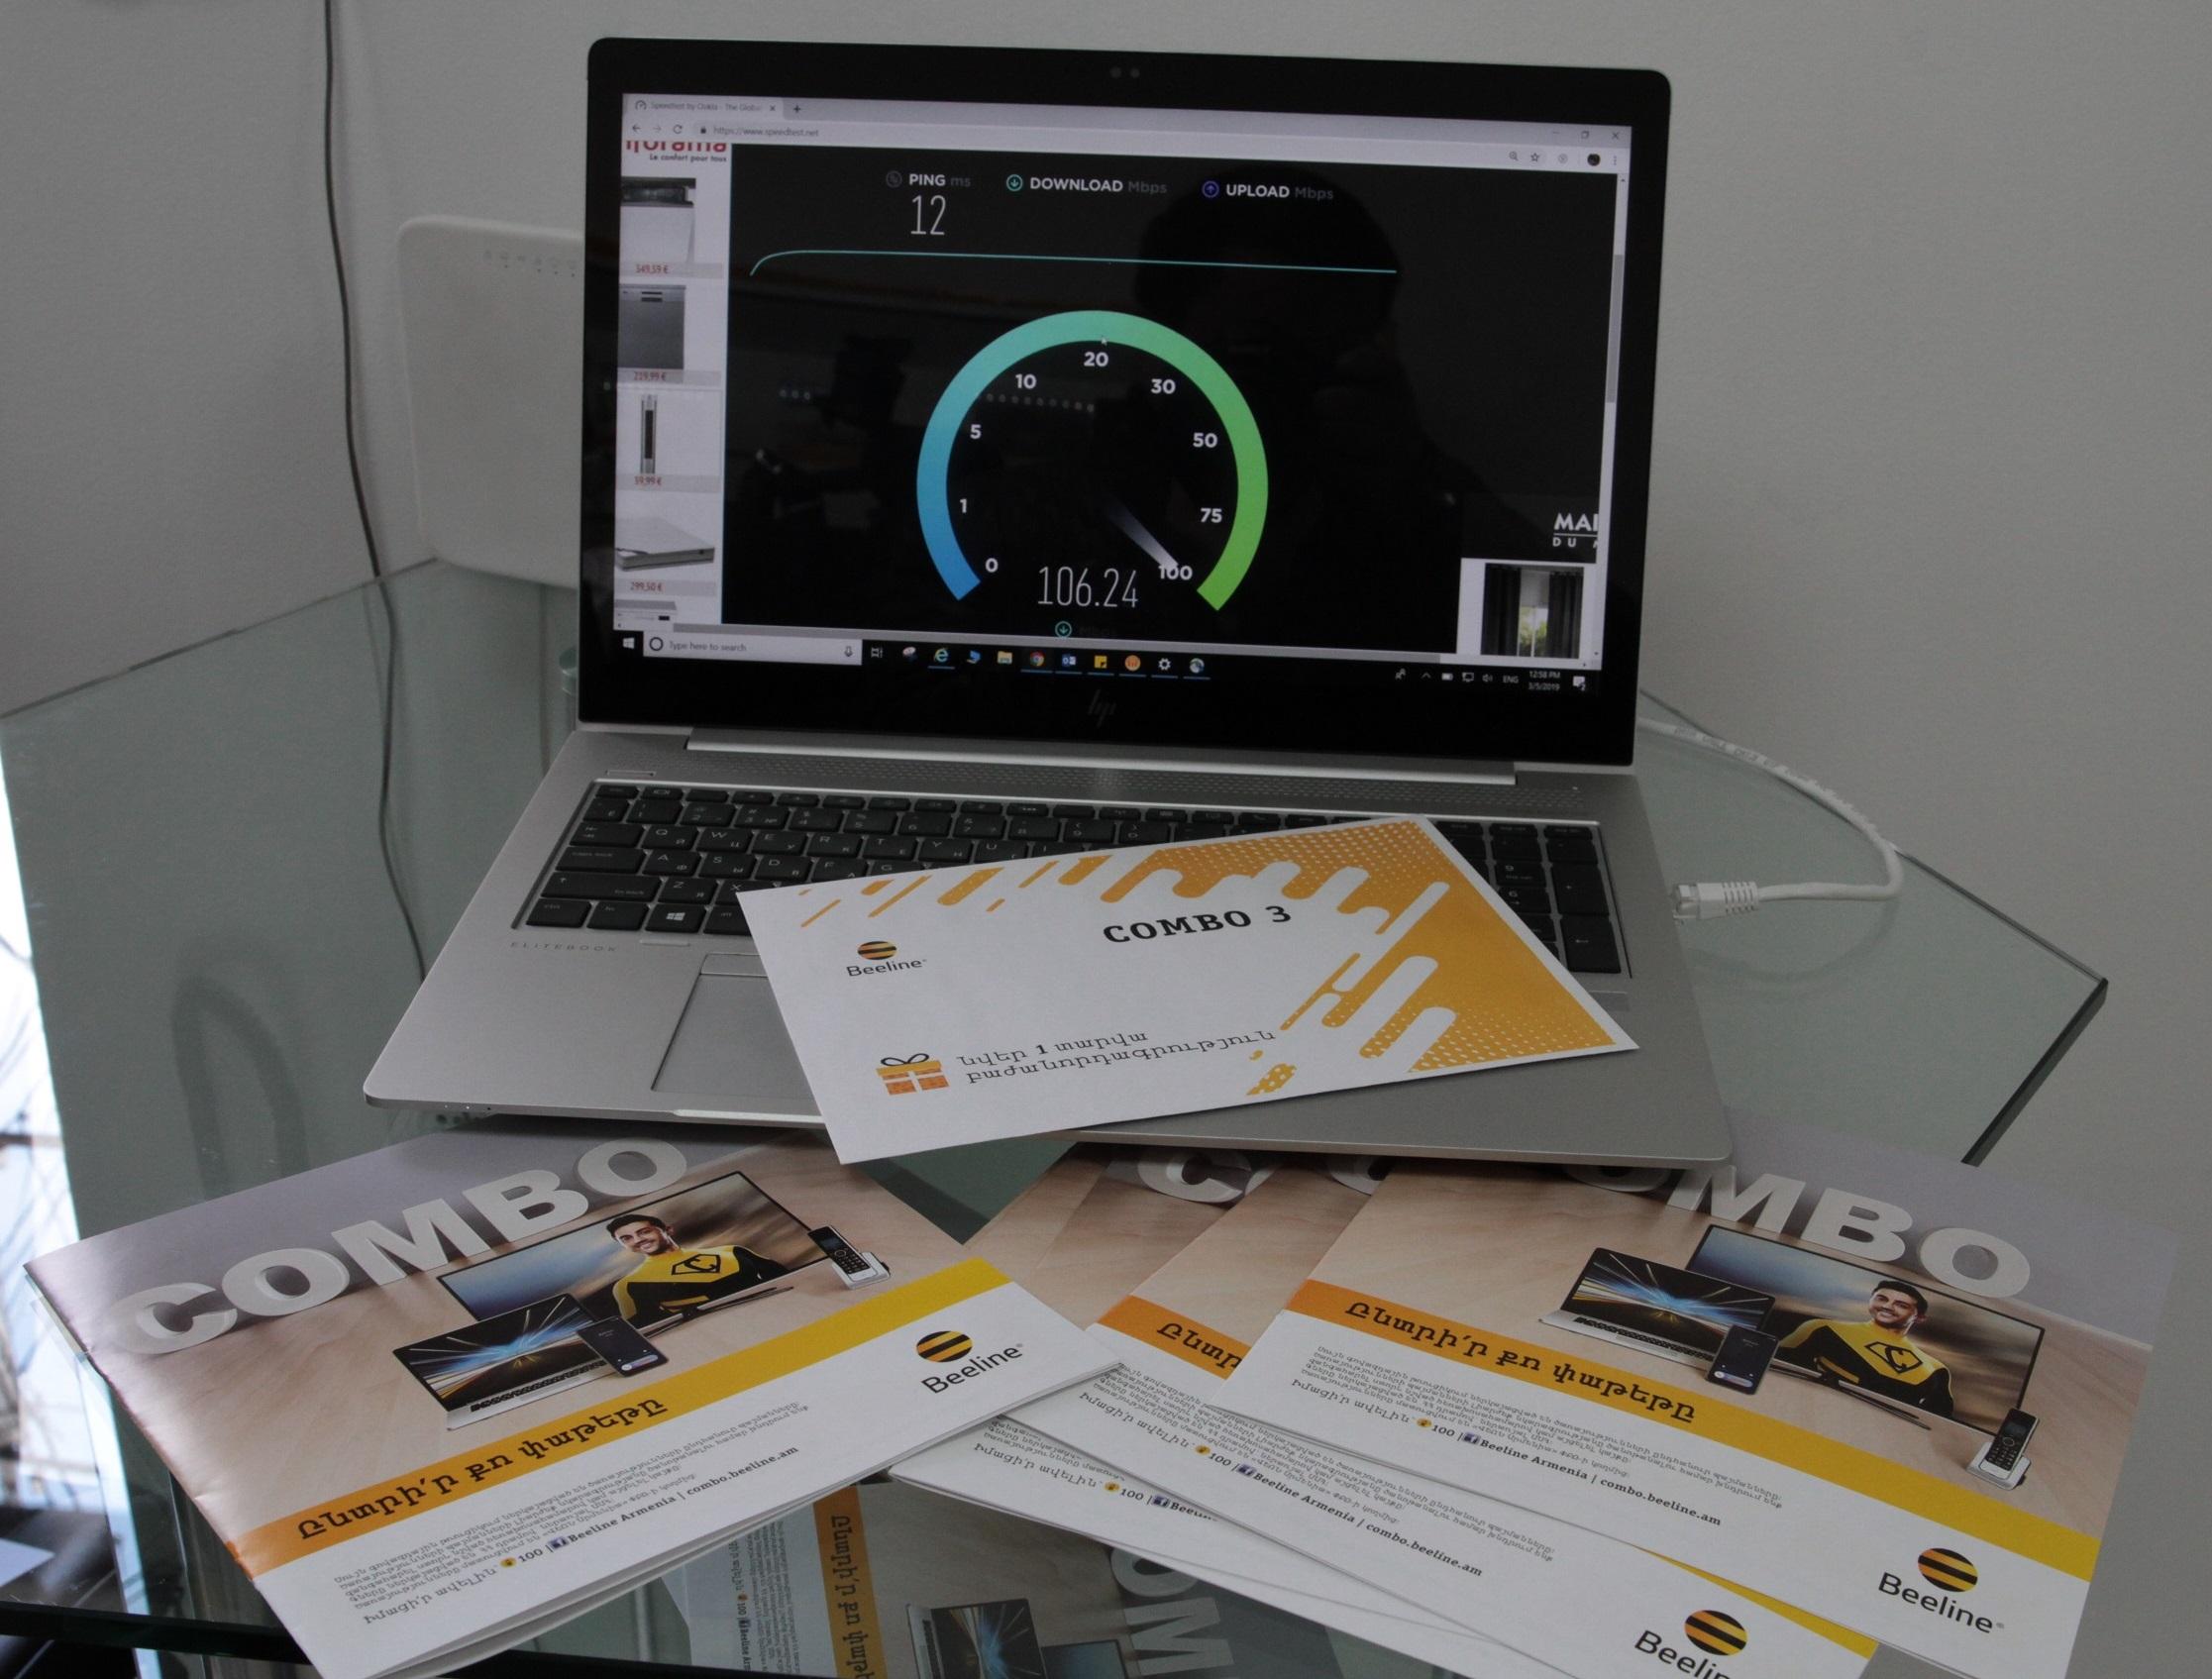 Beeline. մինչև 100 ՄԲ/վրկ ինտերնետ` Երևանում ֆիքսված կապի հեռախոսագծերով